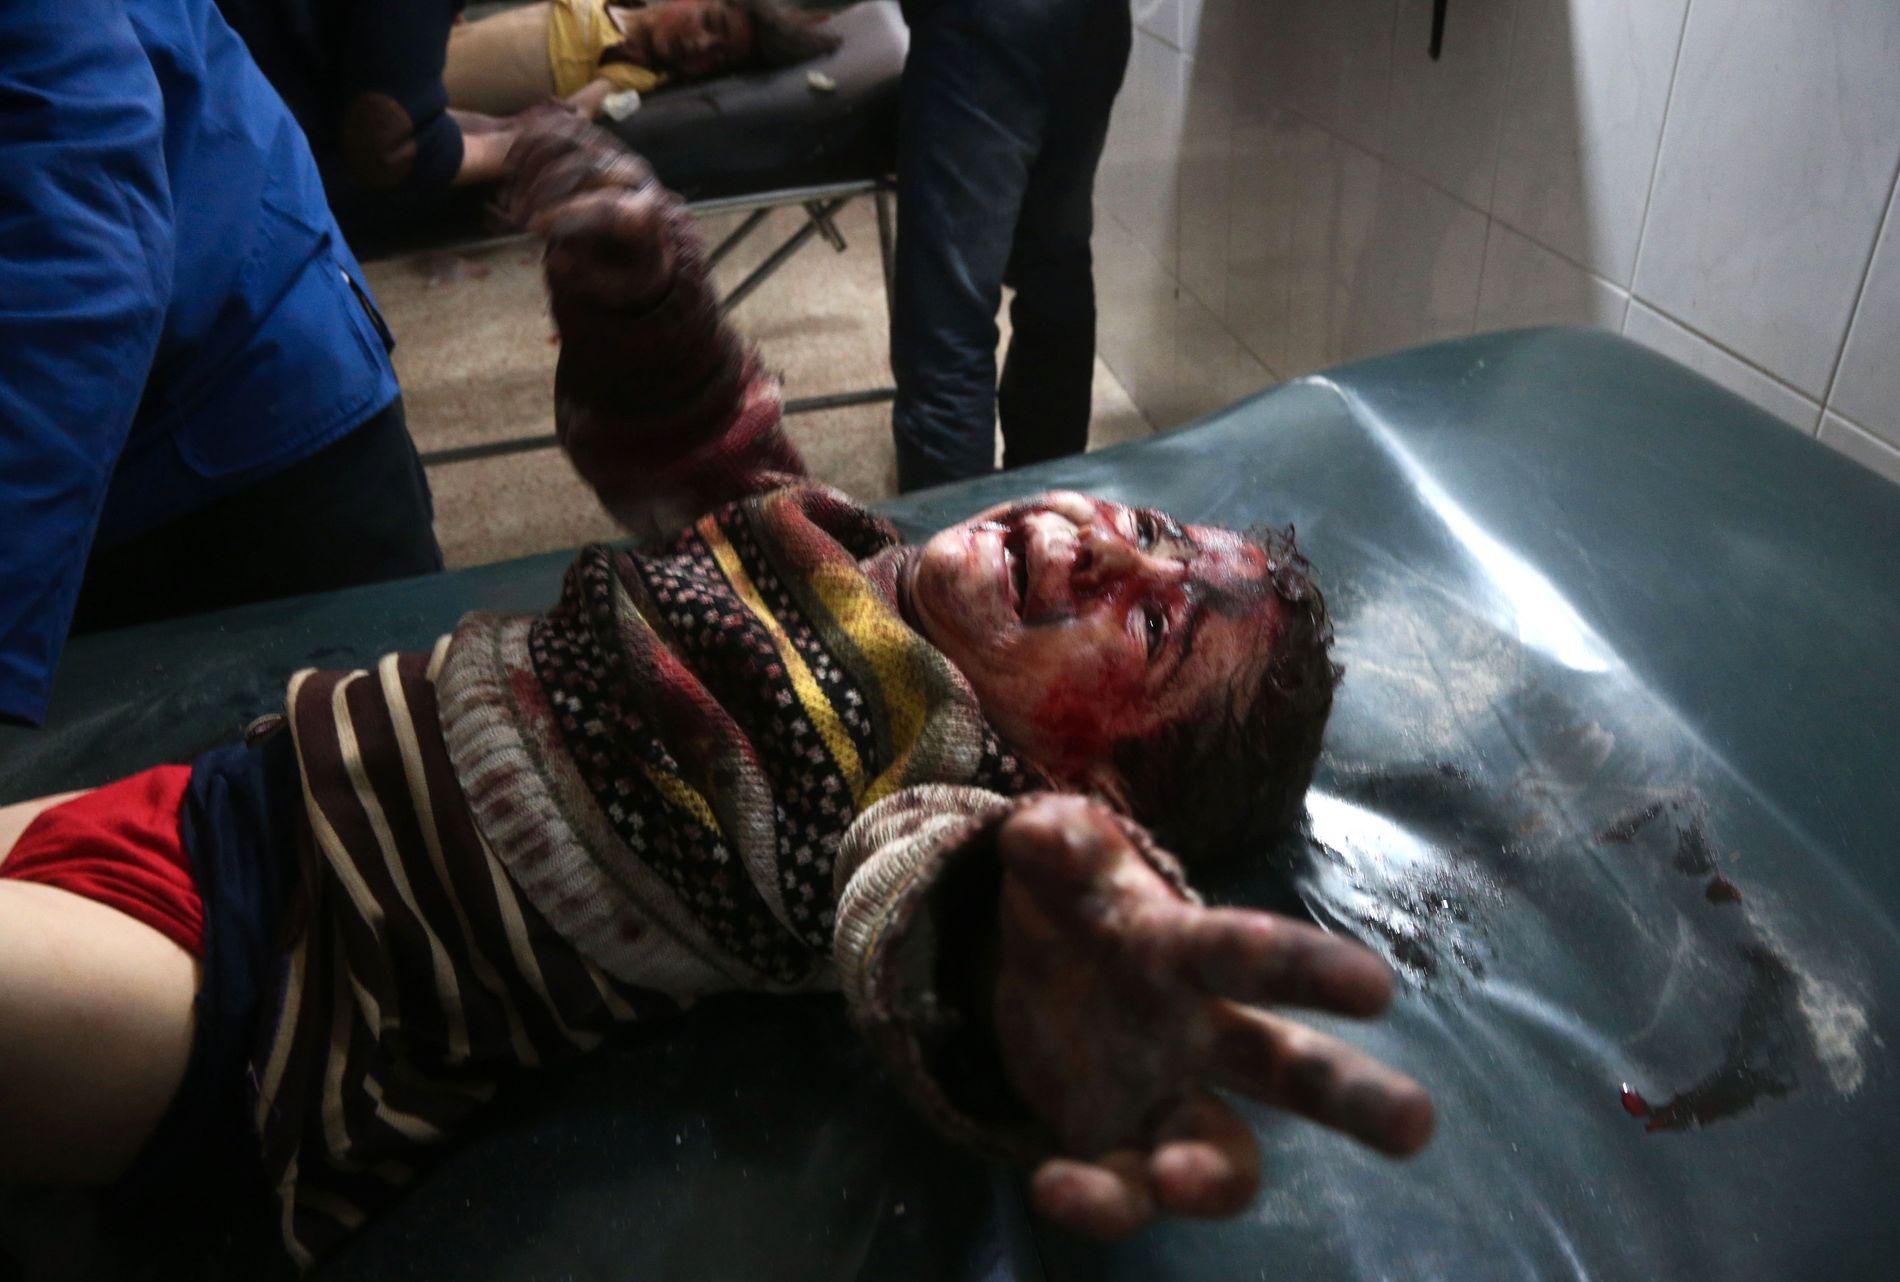 REDDET: En syrisk gutt hjelpes på sykehus mandag. Fotografen Abdulmonam Eassa var med å hjelpe ham. VG har fått bekreftet at gutten overlevde.